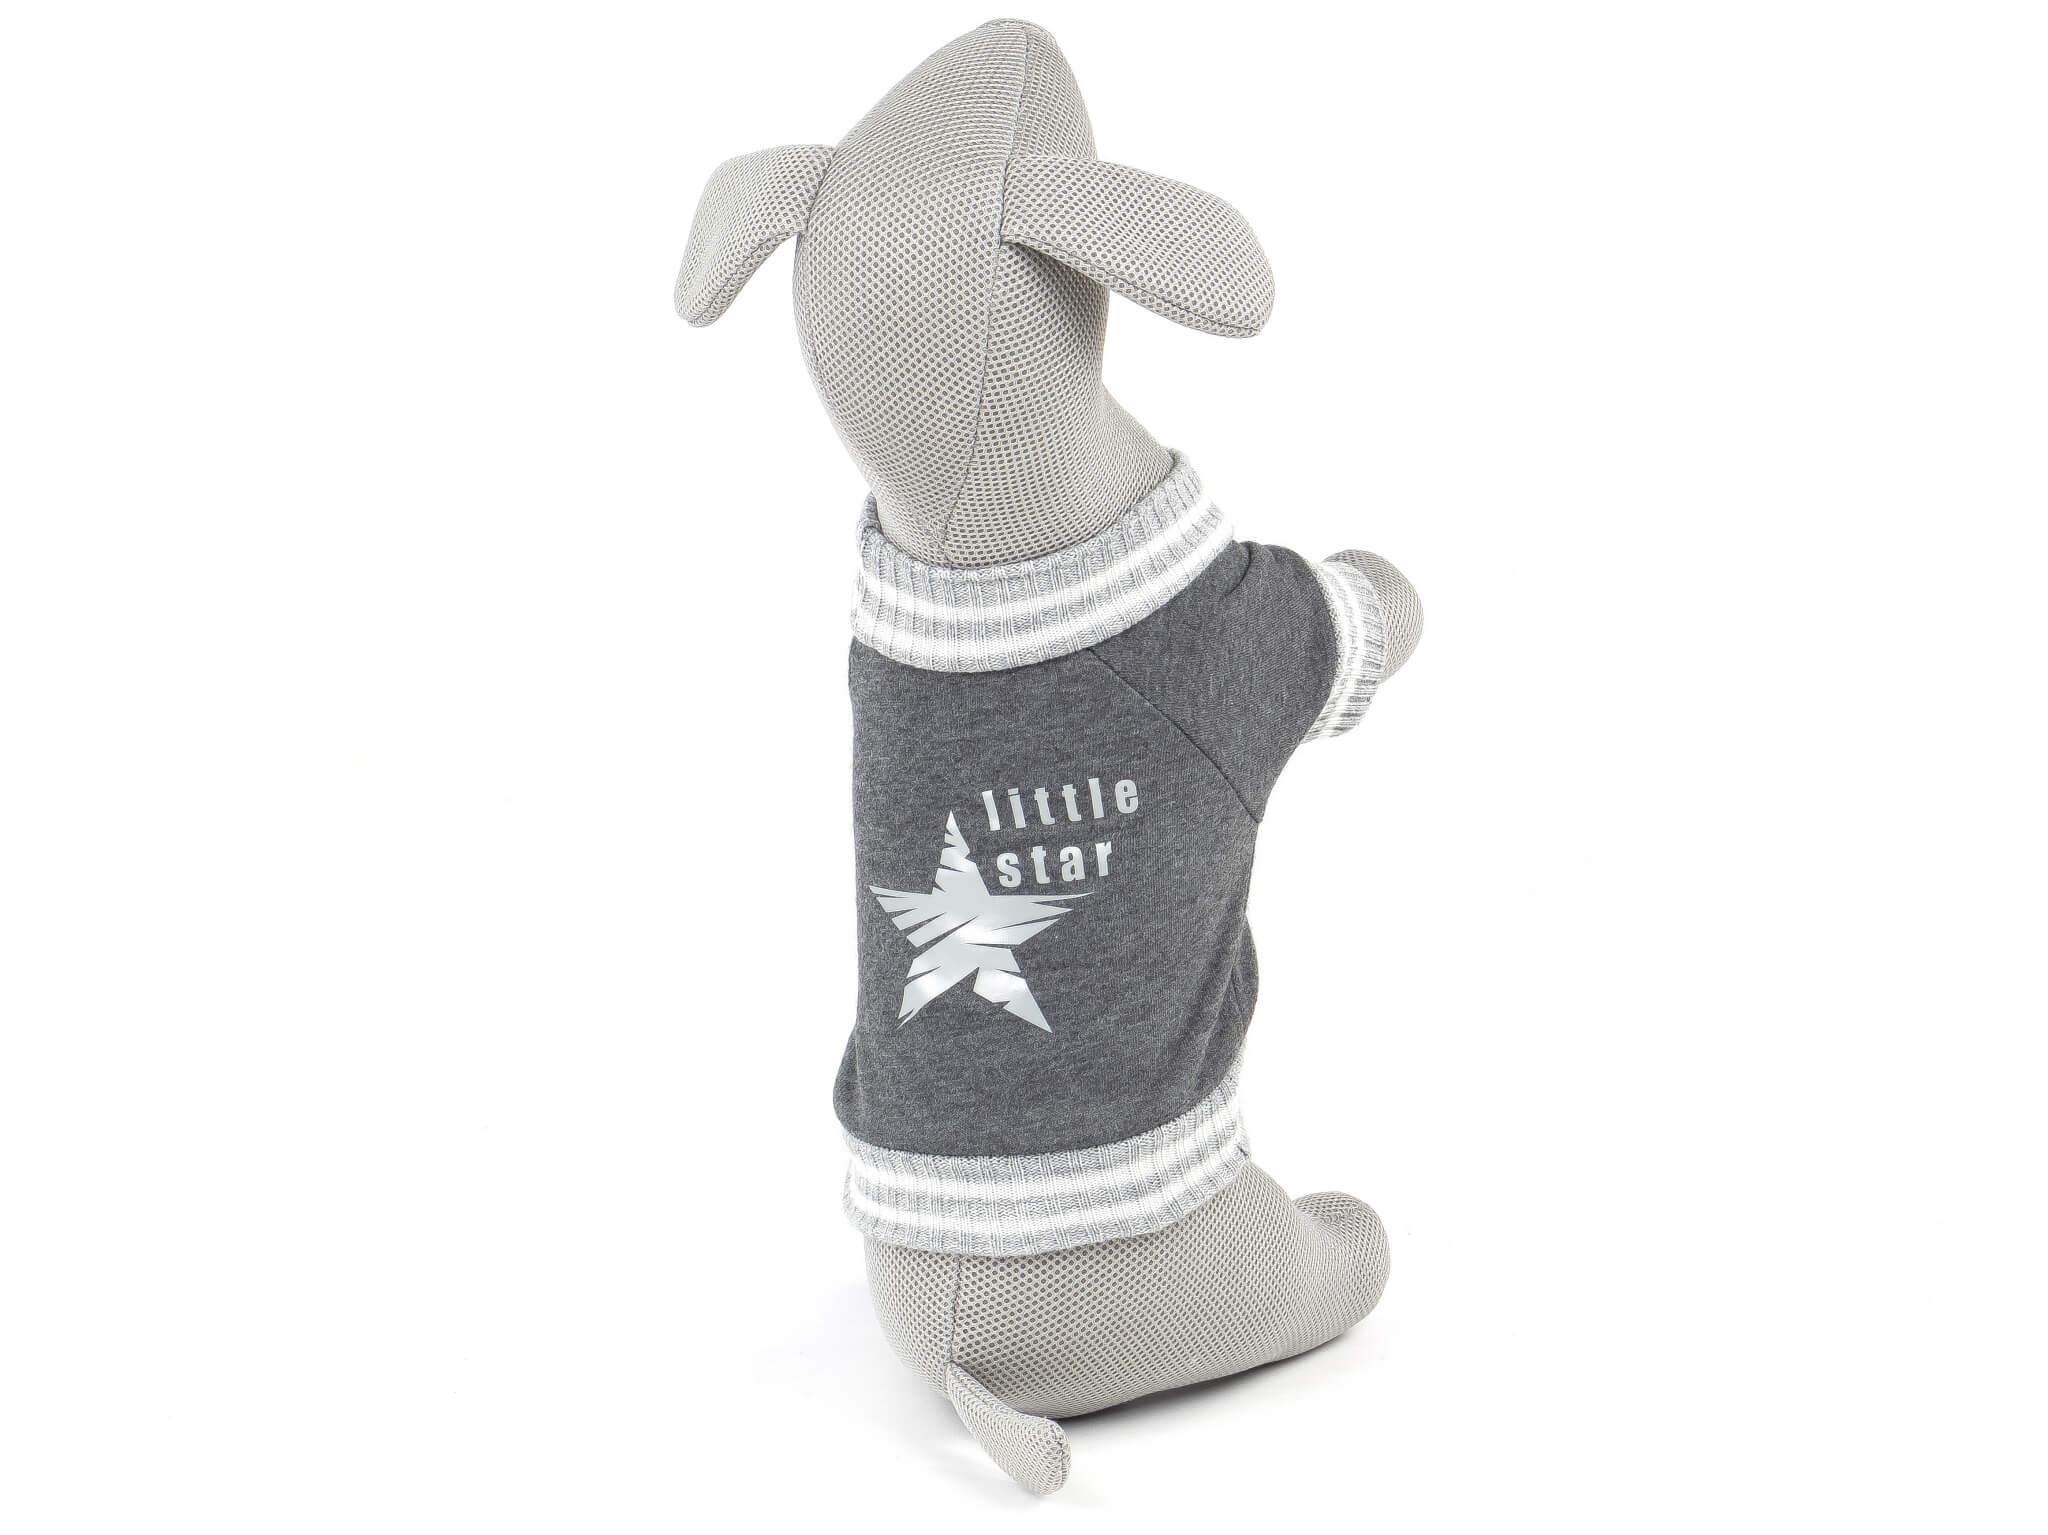 Vsepropejska Boss mikina pro psa s úplety Barva: Šedá, Délka zad psa: 17 cm, Obvod hrudníku: 26 - 32 cm